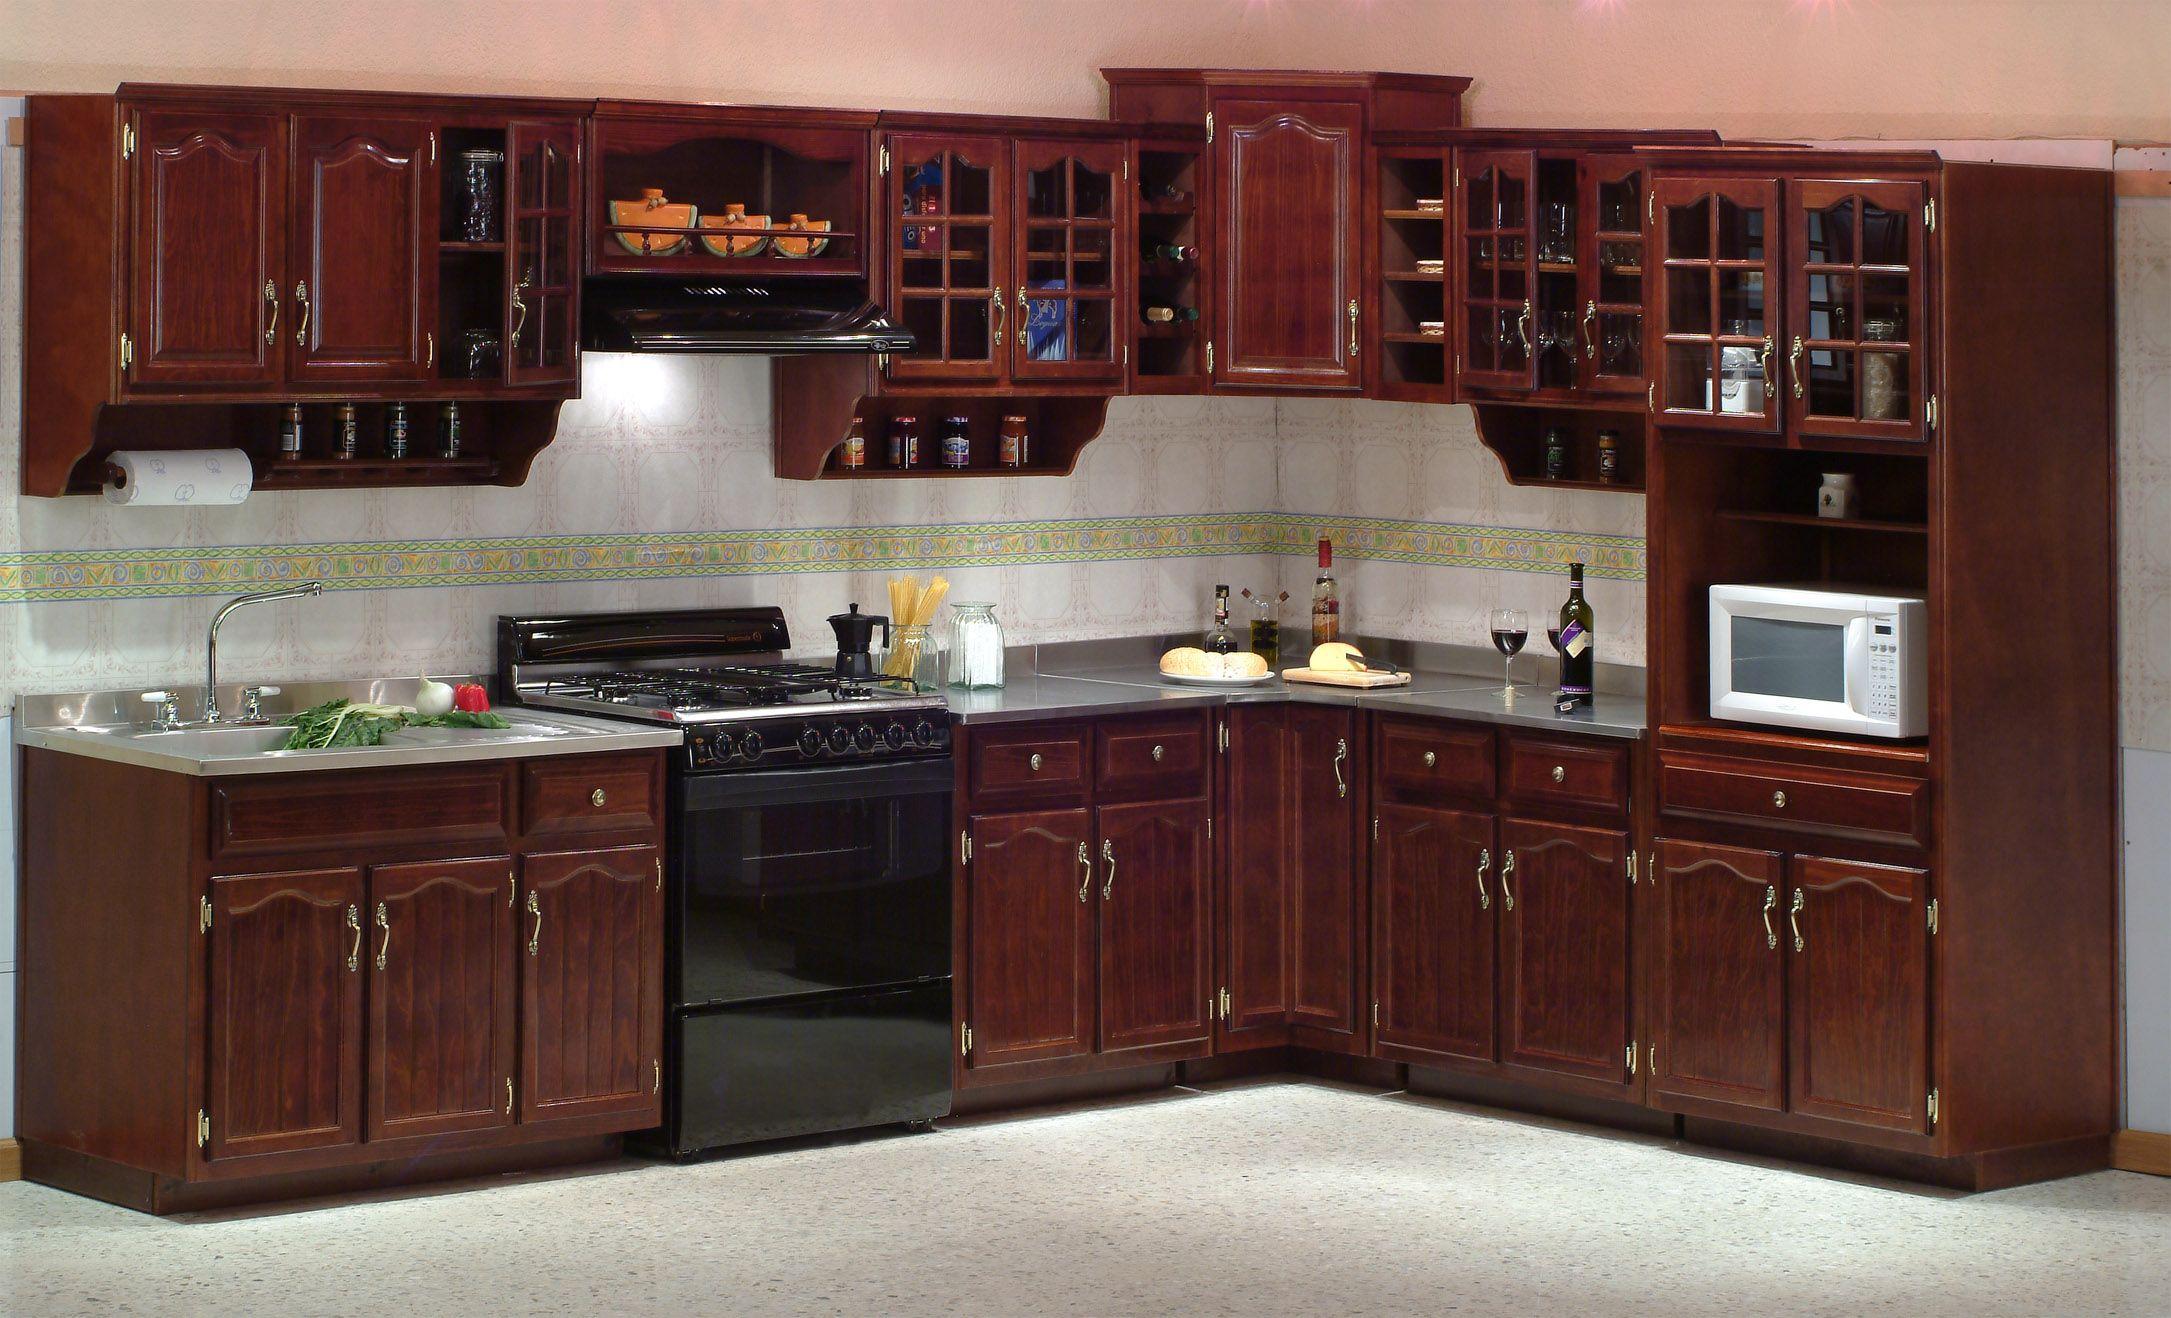 Cosina sta cruz 2171 1318 cositas for Mostrar cocinas modernas